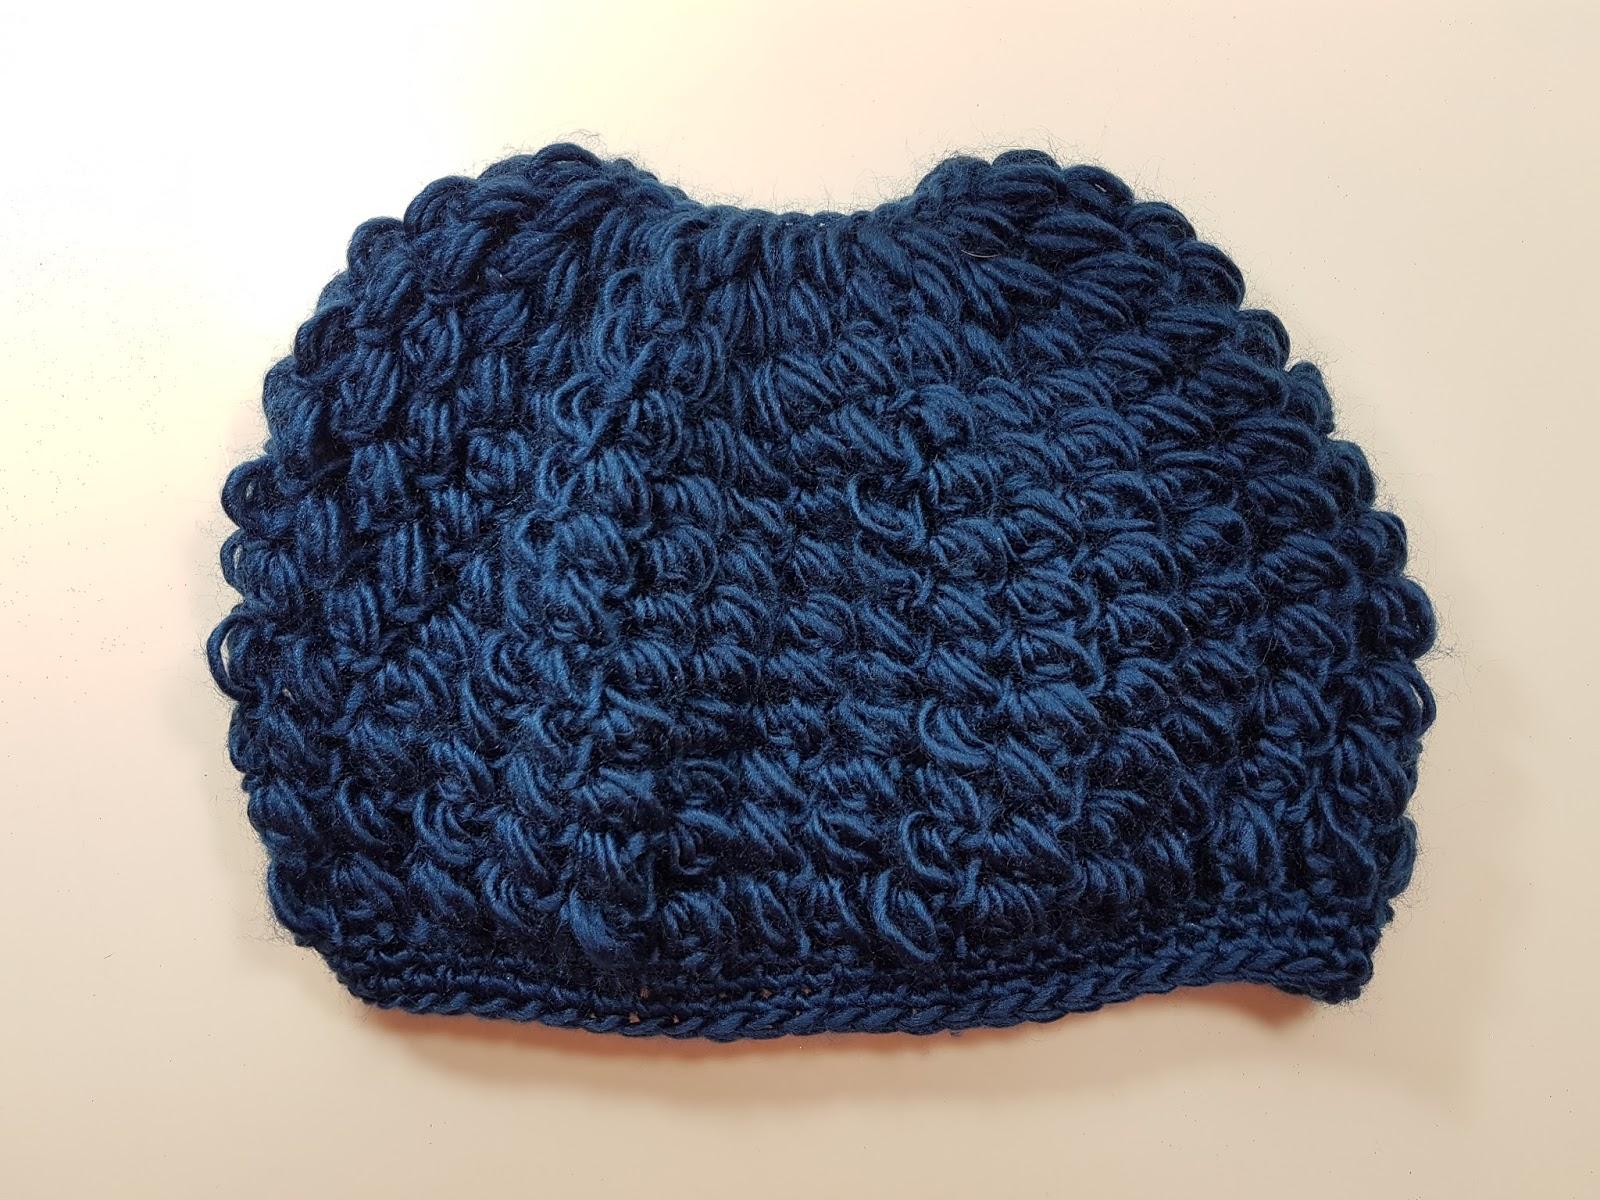 Puff stitch messy bun hat - Adult - Charmed By Ashley